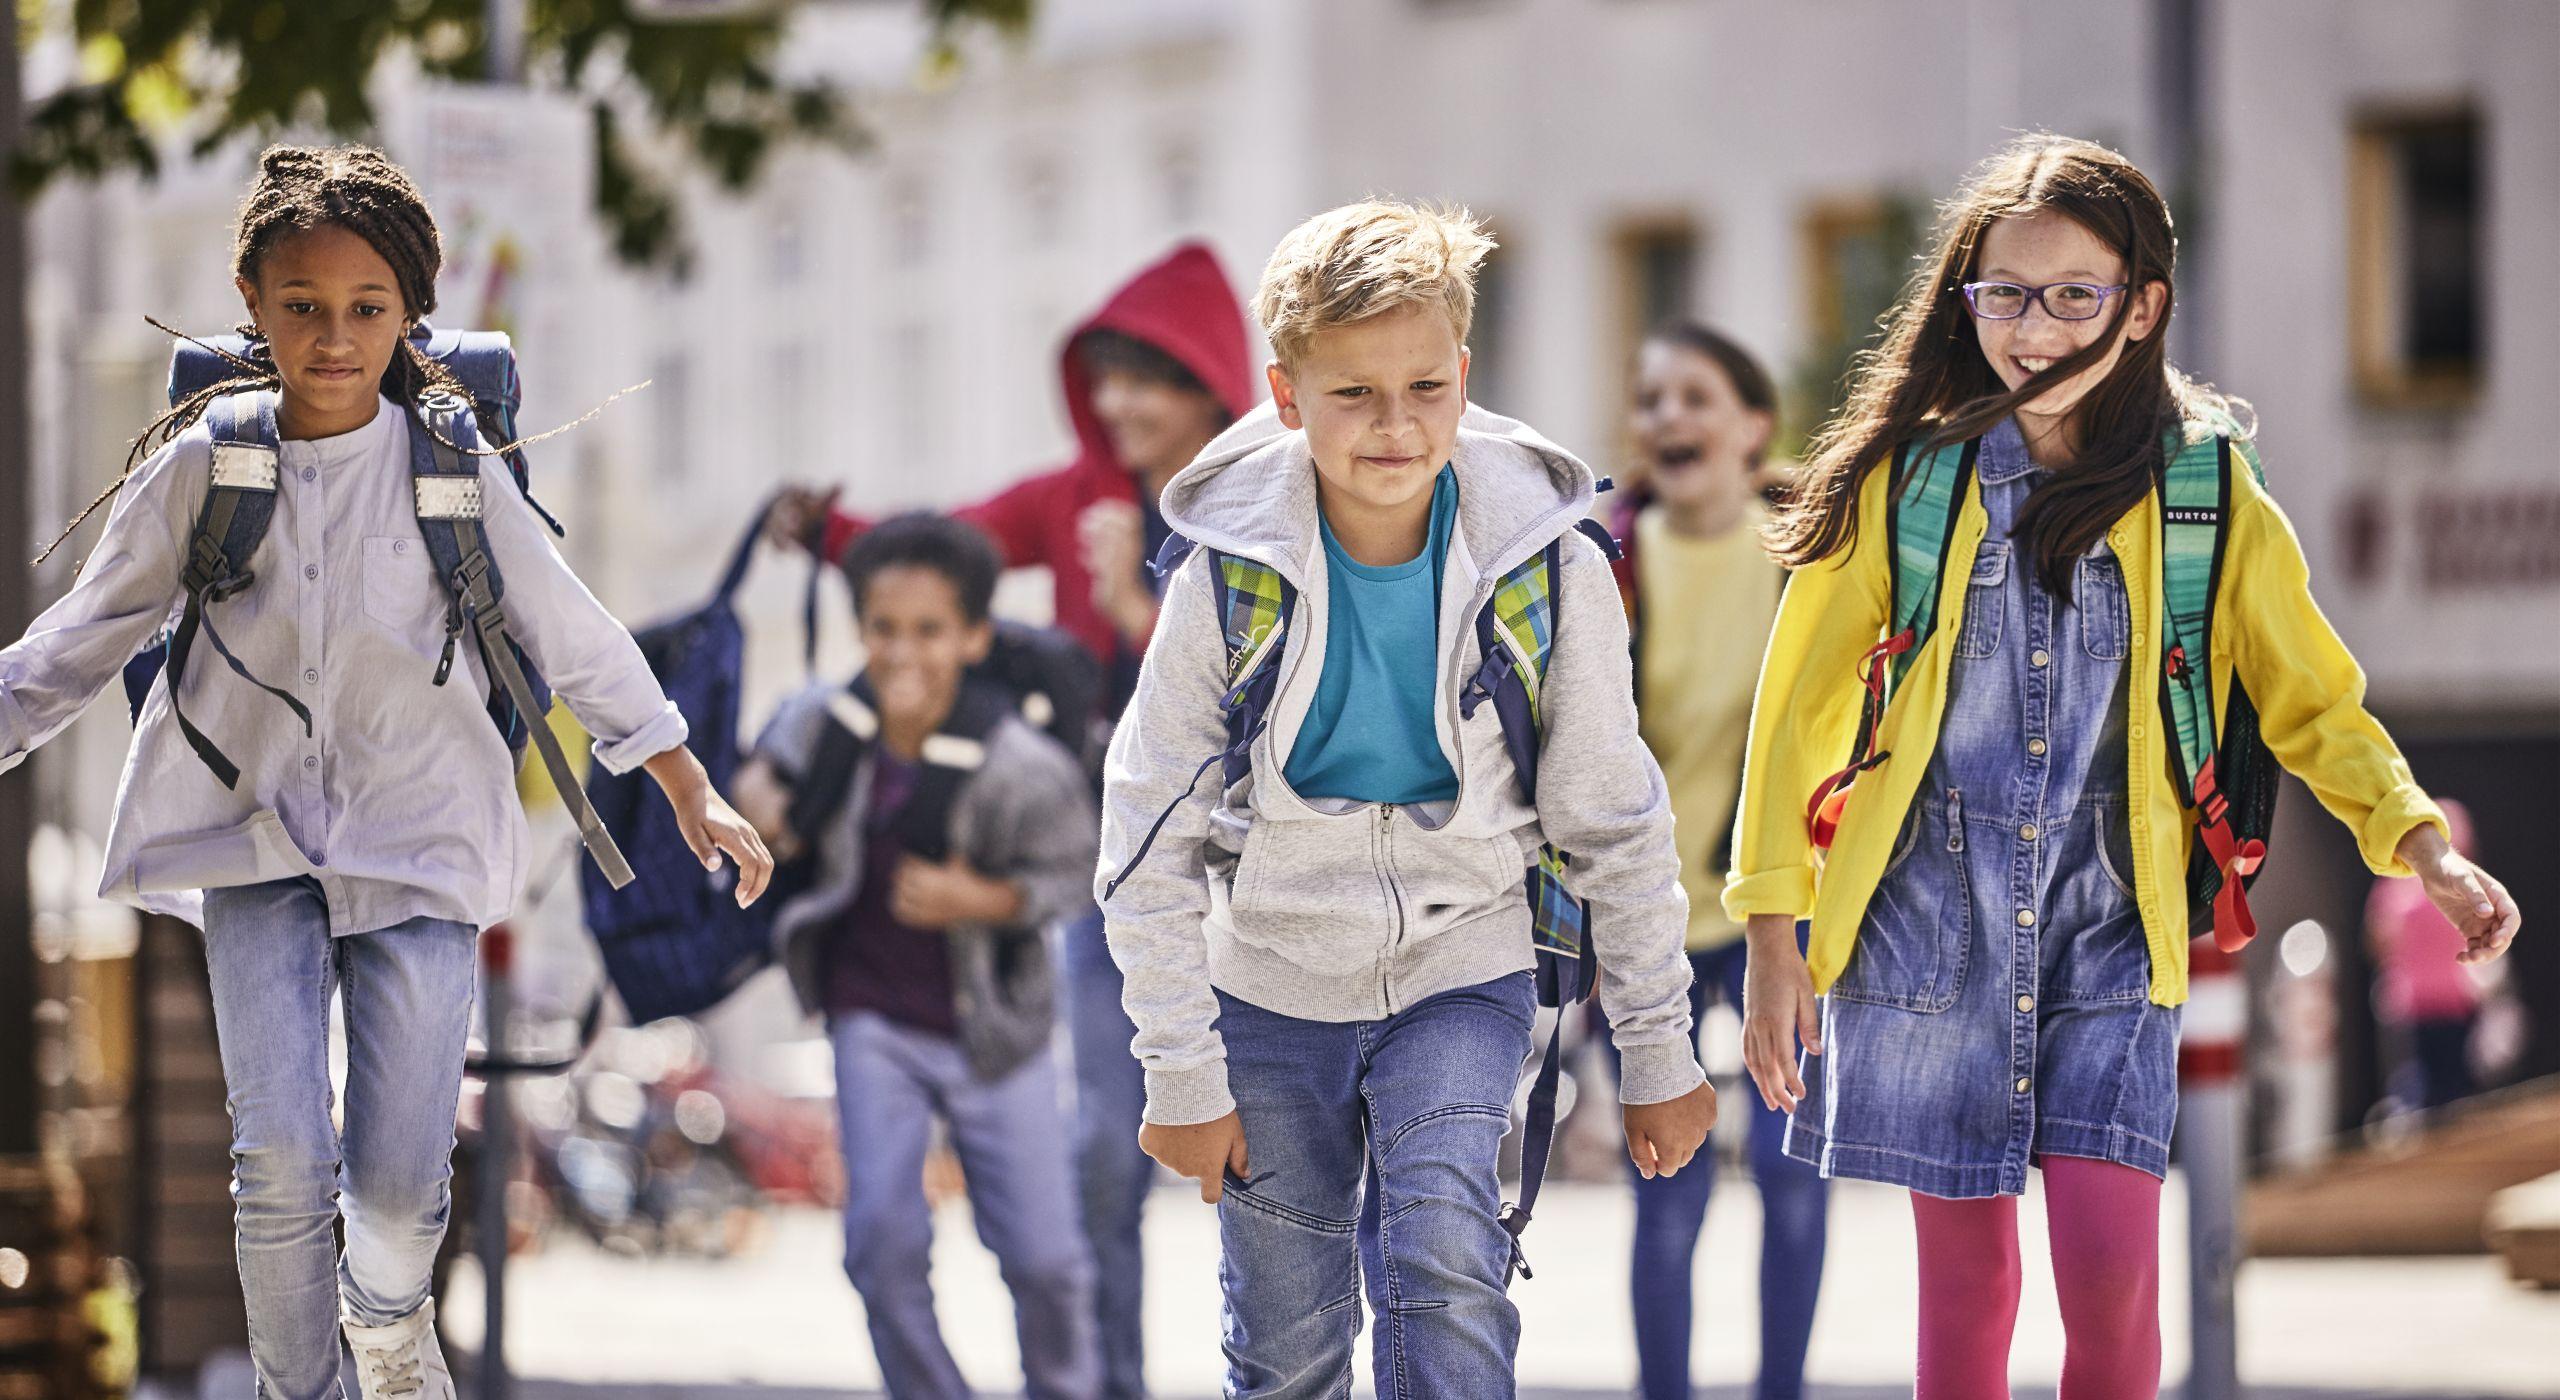 Ein Bub und zwei Mädchen auf dem Schulweg